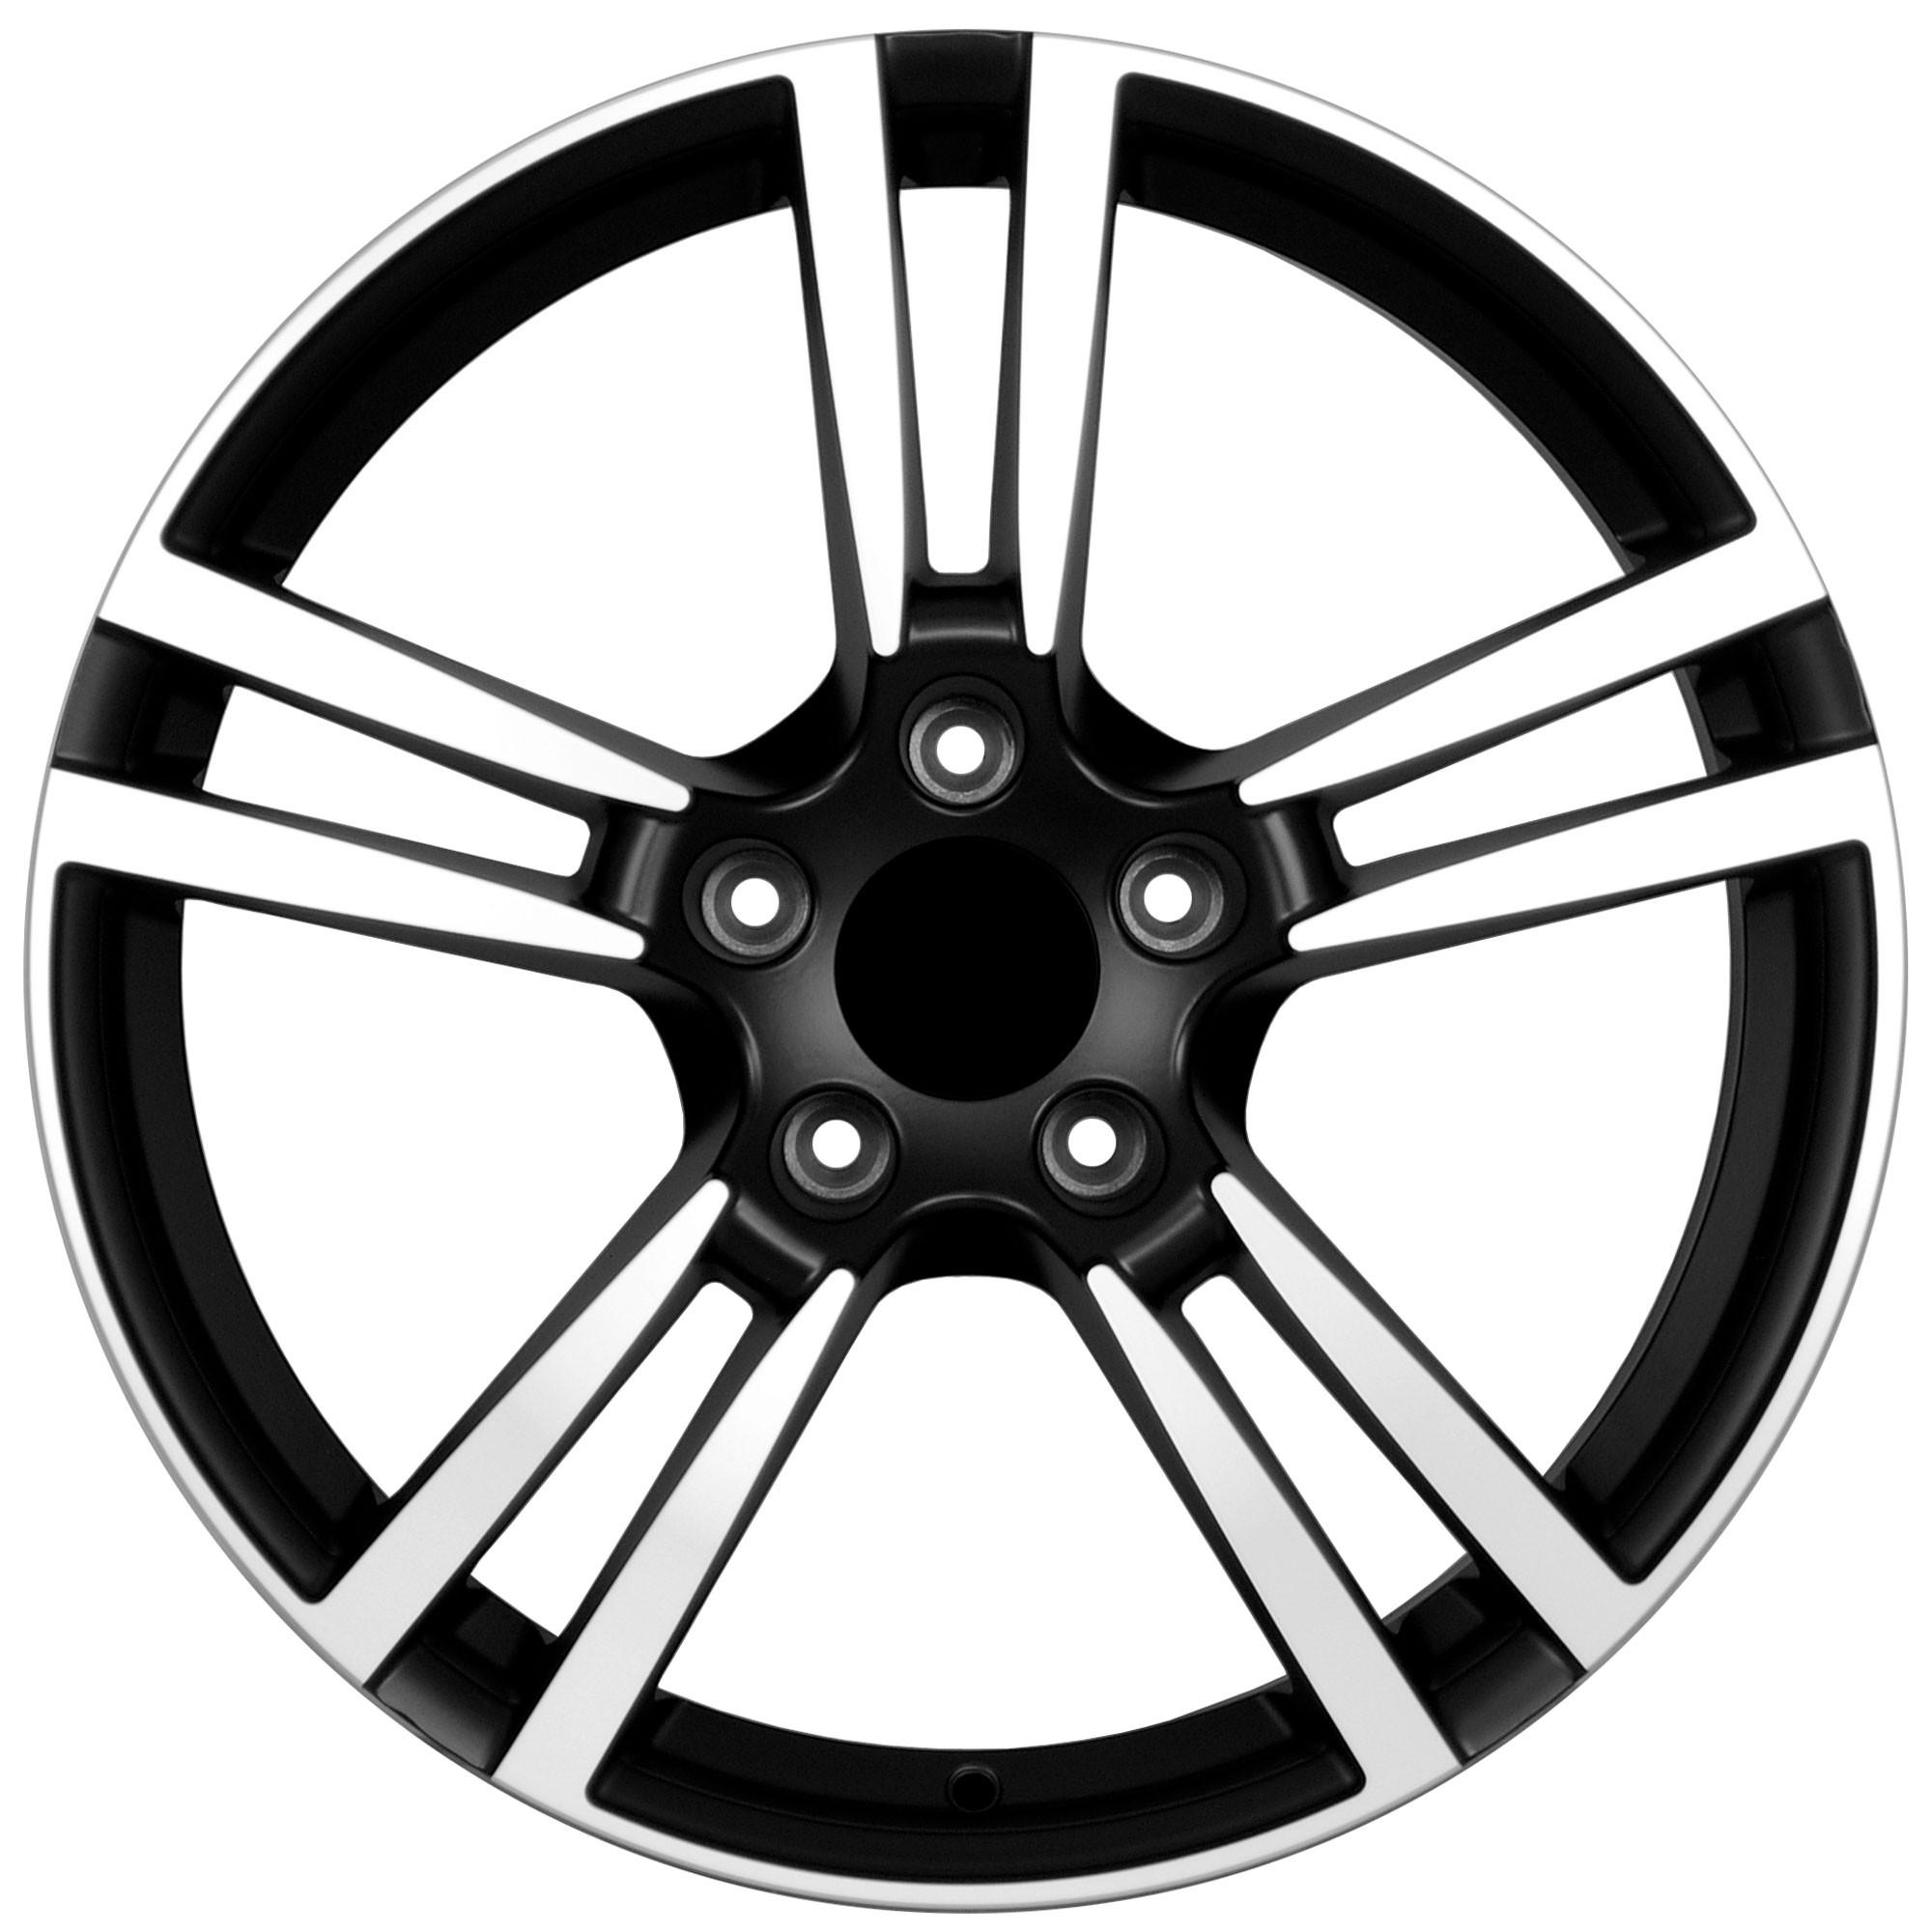 Porsche Cayenne Turbo Style Wheels 19 Quot 20 Quot 22 Quot